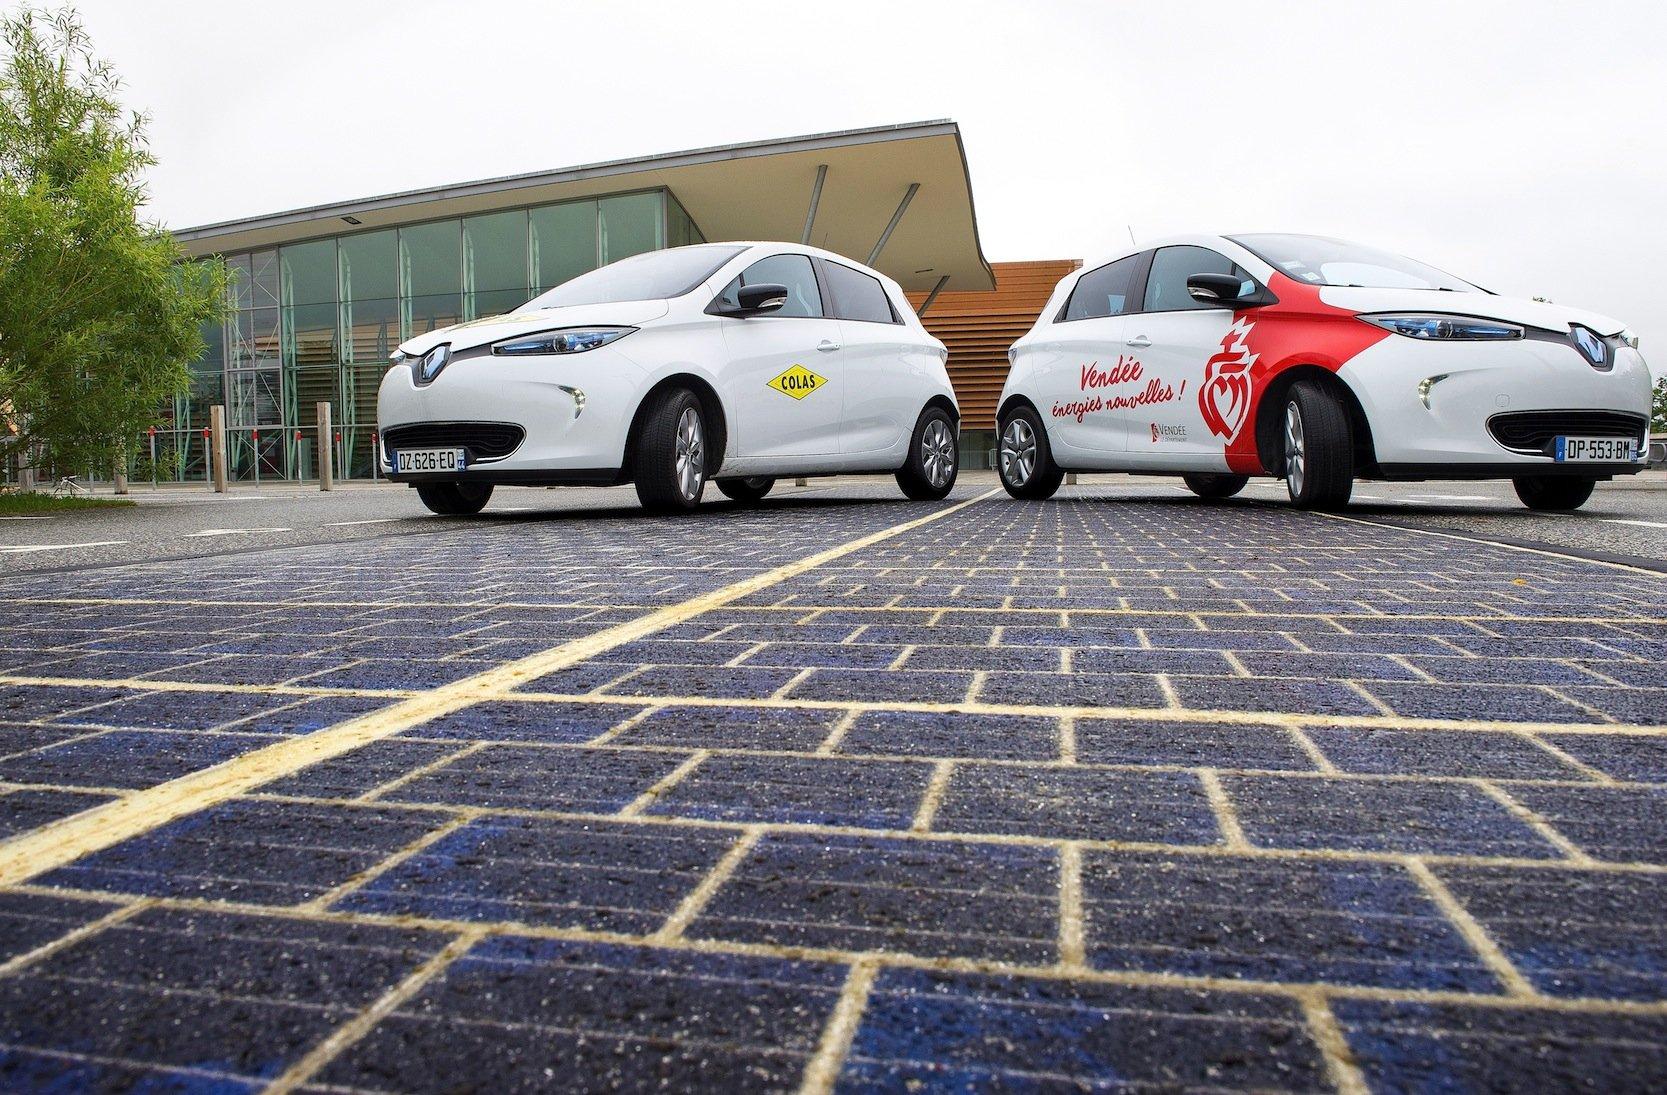 Das französische Unternehmen Cola hat die ersten Solarmodule bereits auf einem Platz in Frankreich verlegt.